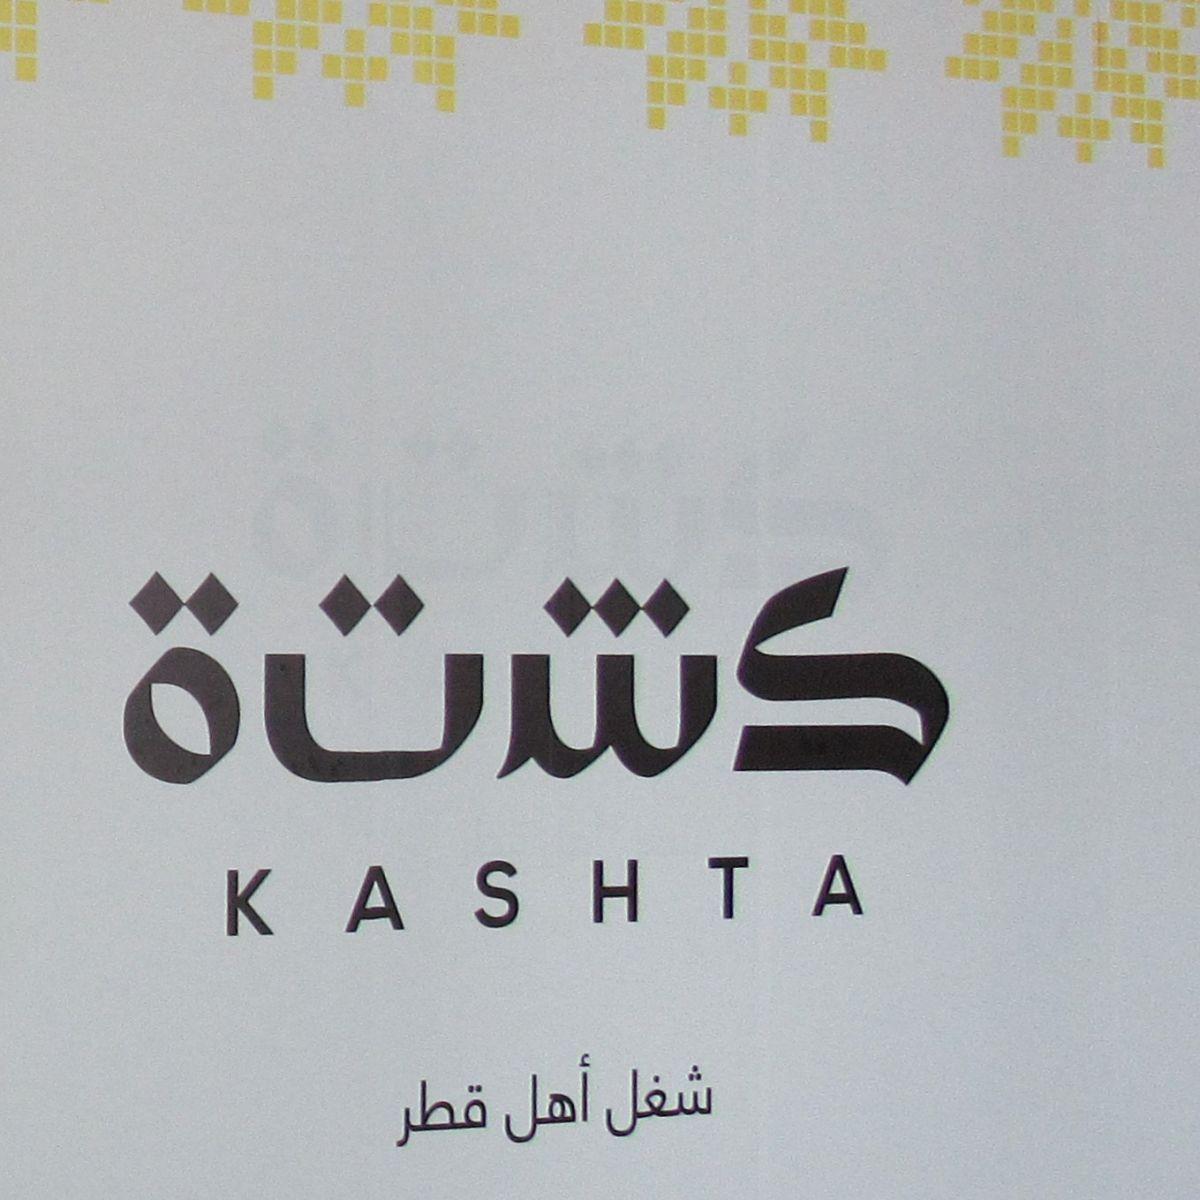 KASHTA - GULF MALL